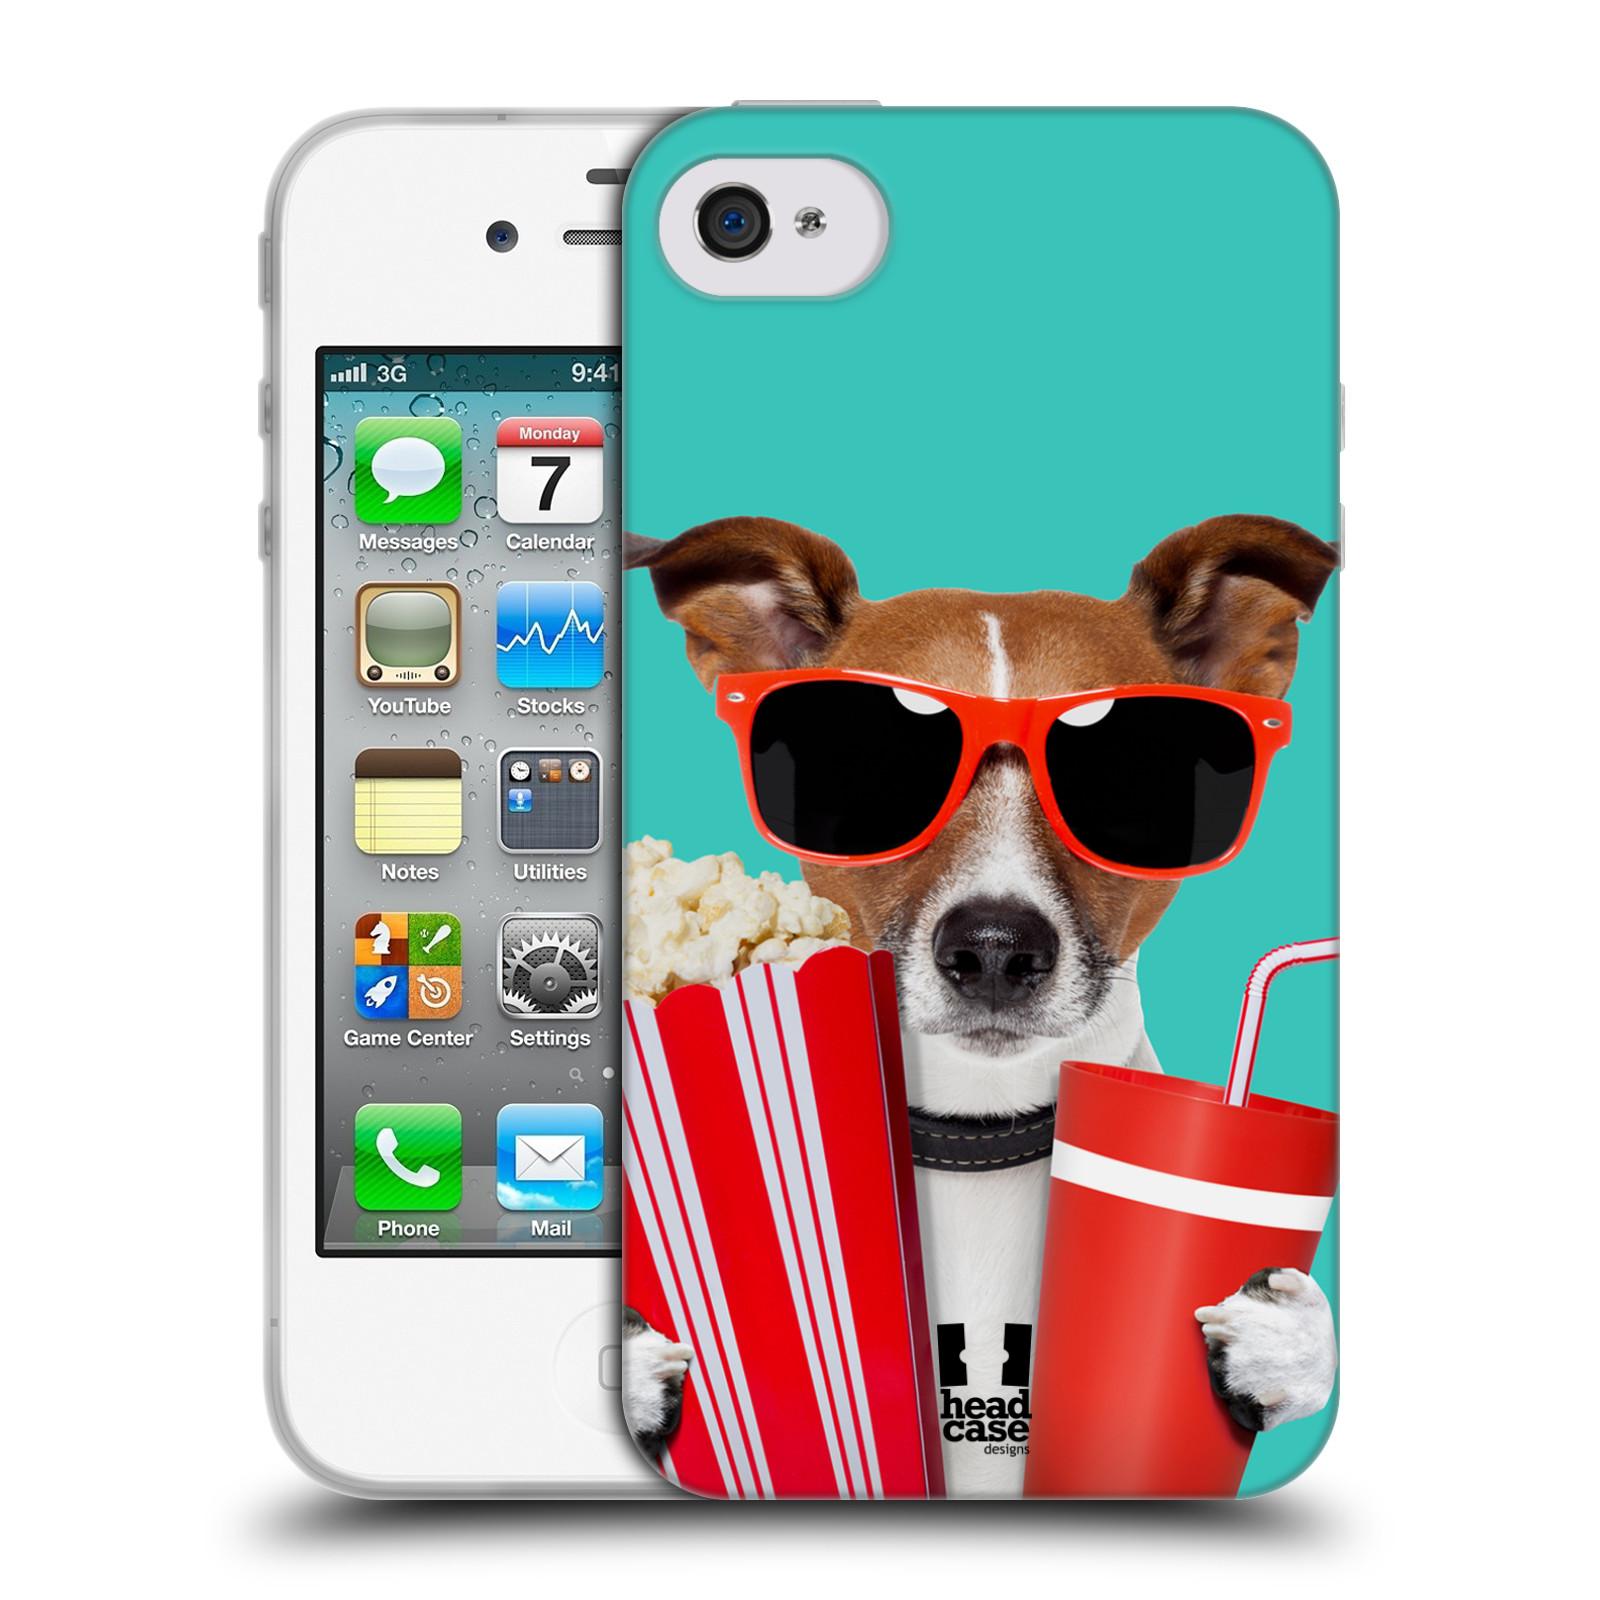 HEAD CASE silikonový obal na mobil Apple Iphone 4/4S vzor Legrační zvířátka pejsek v kině s popkornem